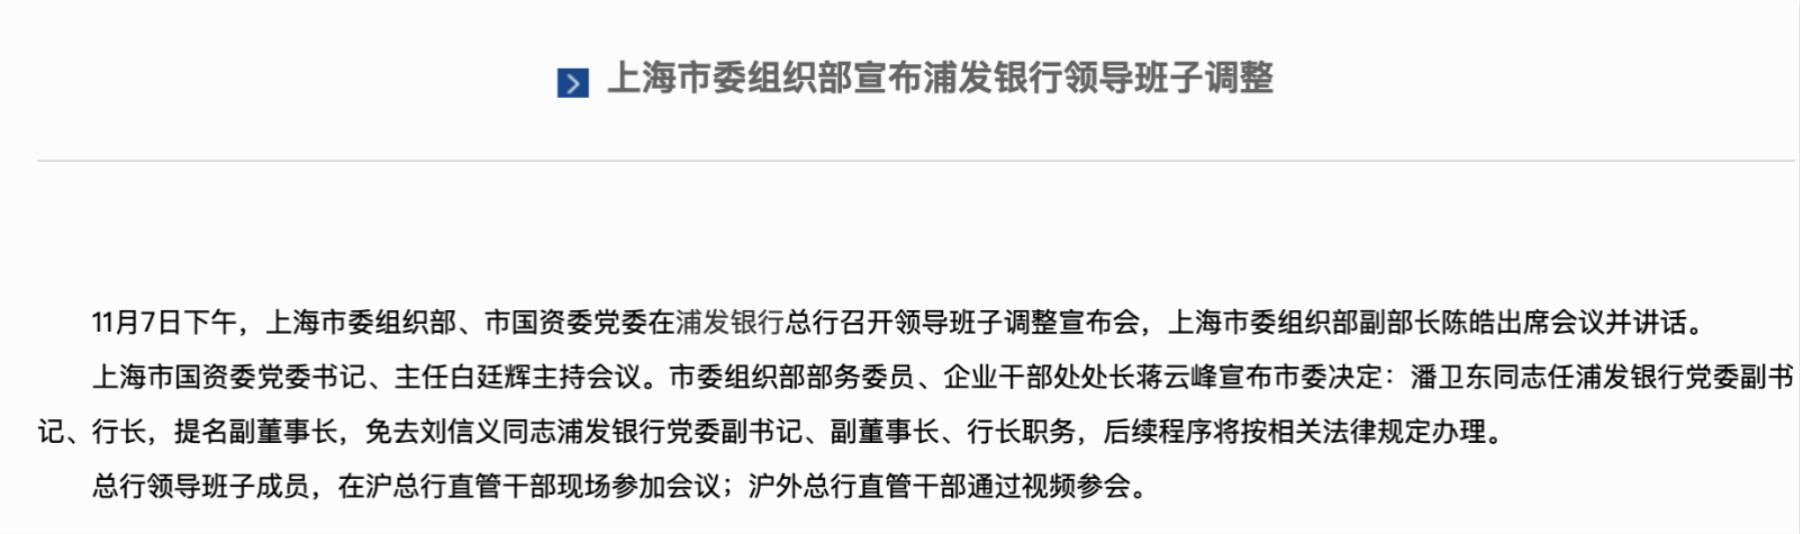 浦发银行高管变更:刘信义辞任行长,潘卫东拟接棒